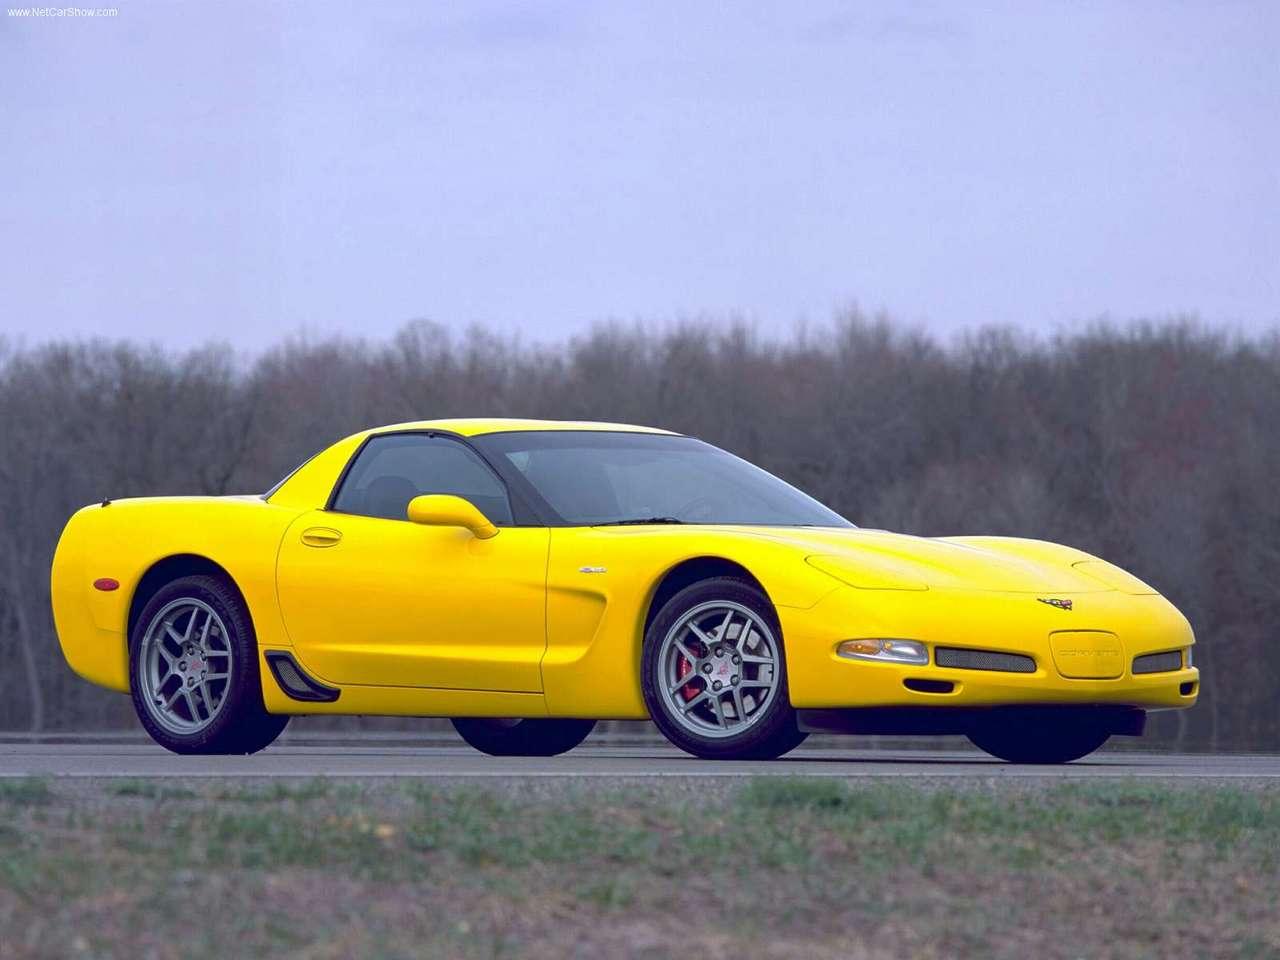 http://2.bp.blogspot.com/-yoOLlasodmM/TYwwI_8YnWI/AAAAAAAAOGo/ZbggpBqDz3M/s1600/Chevrolet-Corvette_Z06_2001_1280x960_wallpaper_01.jpg